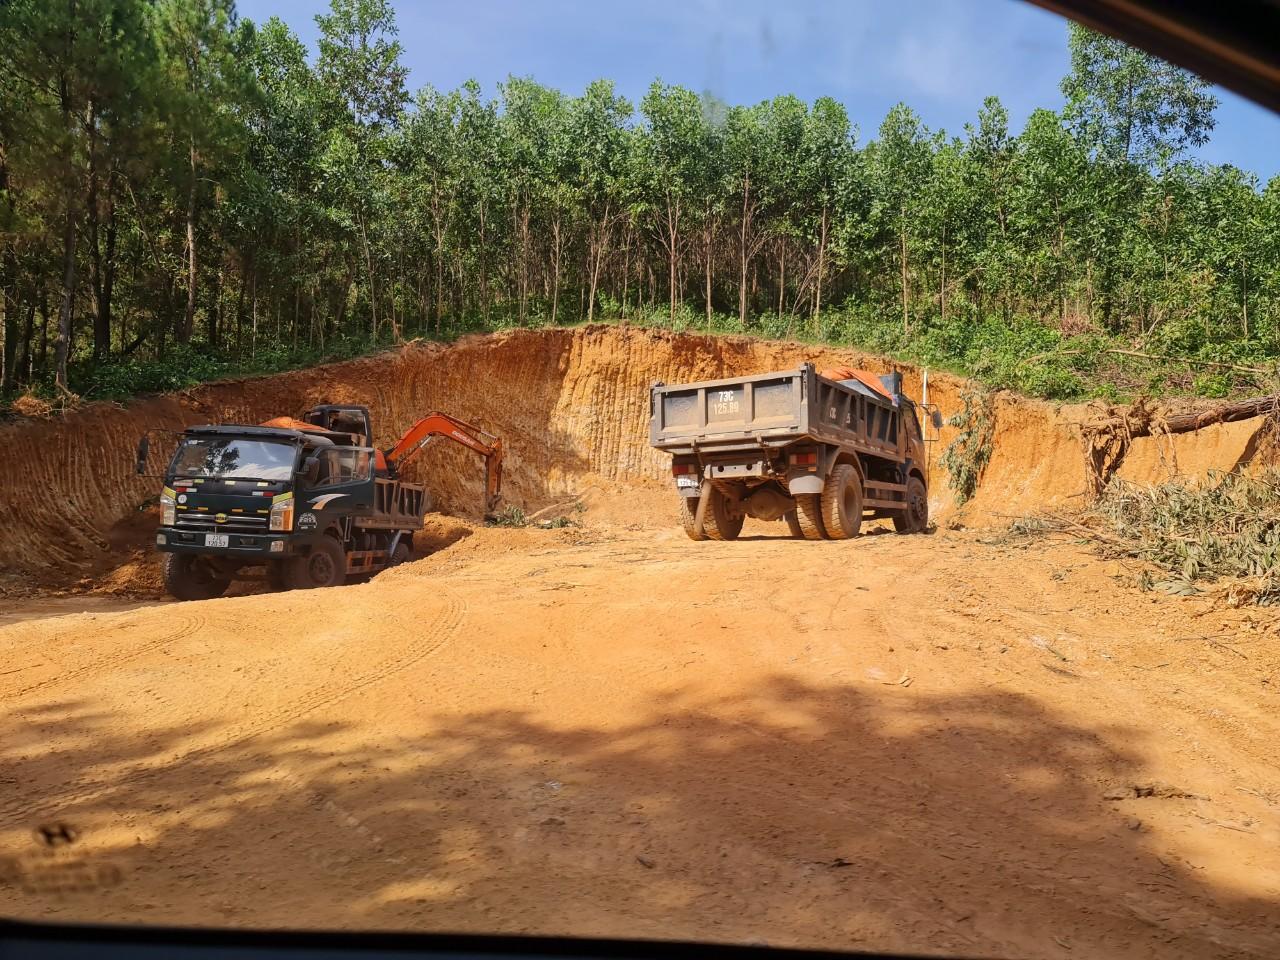 Mỏ đất ở thôn Lạc Thiện, xã Minh Hóa, huyện Minh Hóa không có giấy phép khai thác đất nhưng vẫn diễn ra công khai, liên tục